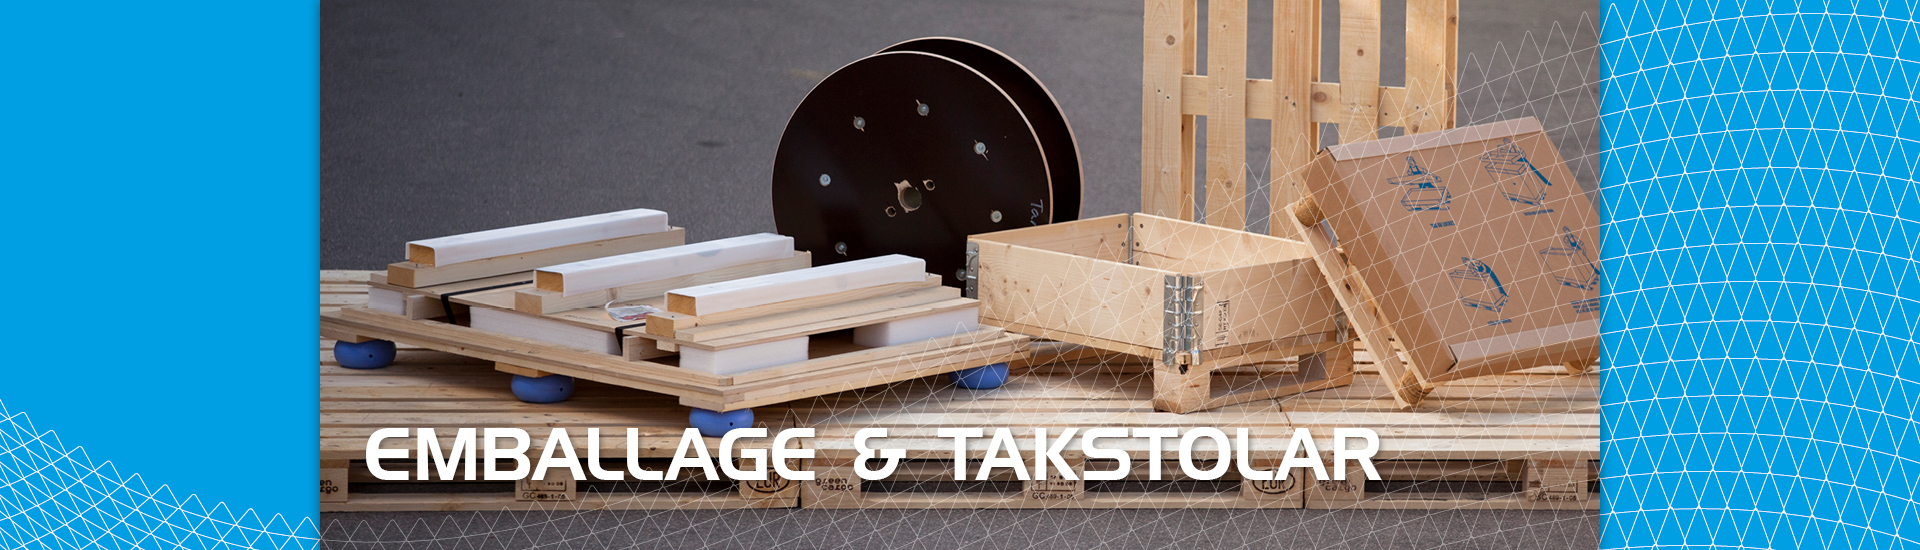 Emballage & Takstolar